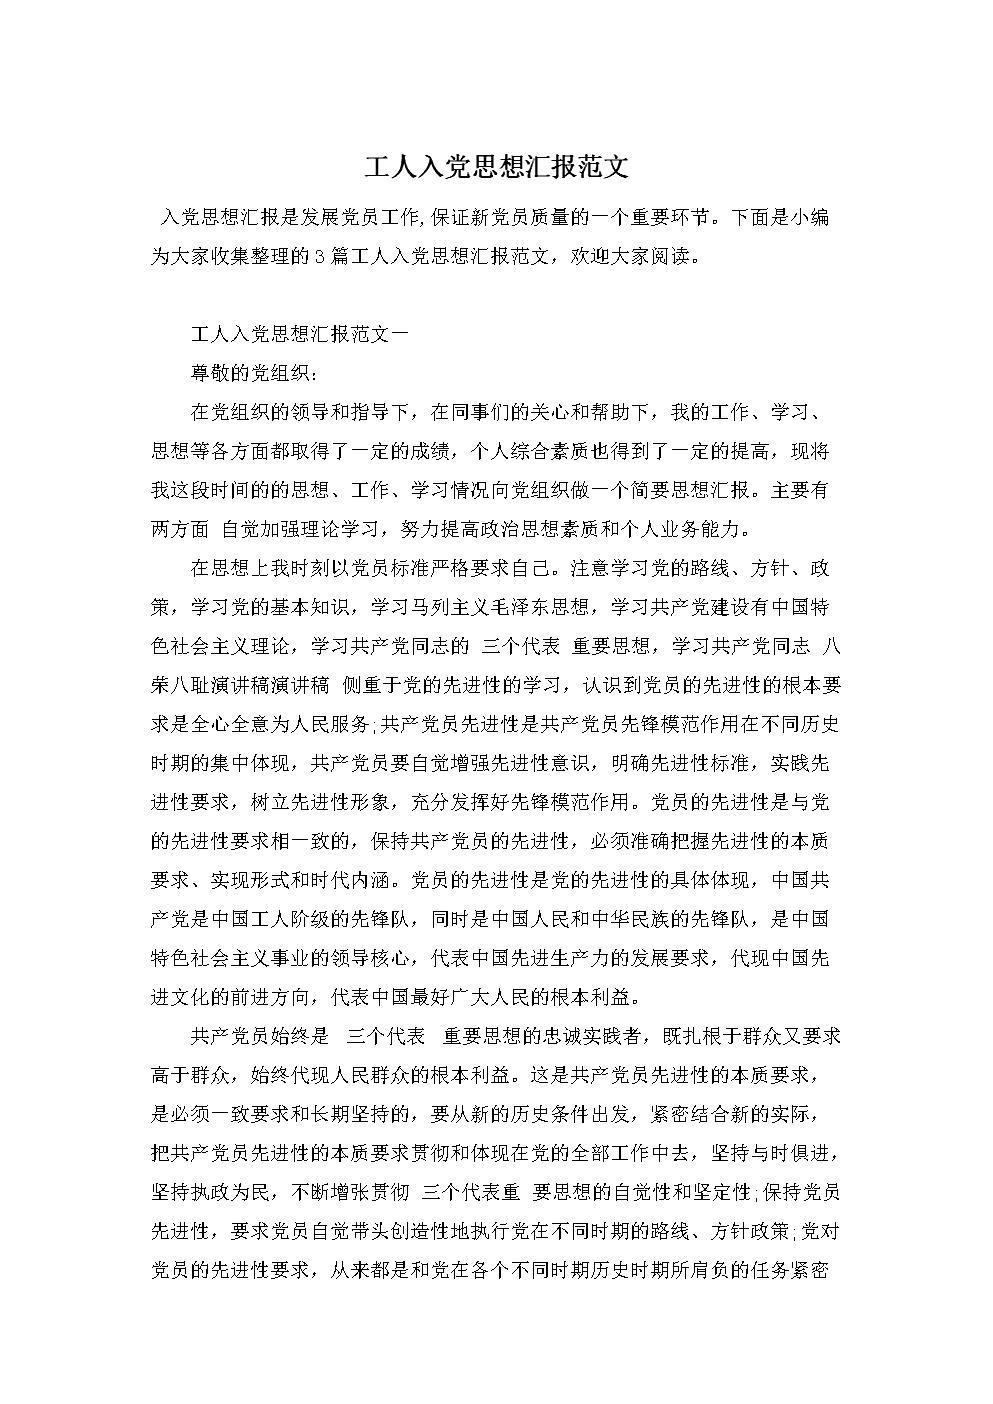 工人入党思想汇报范文—最新范文.doc